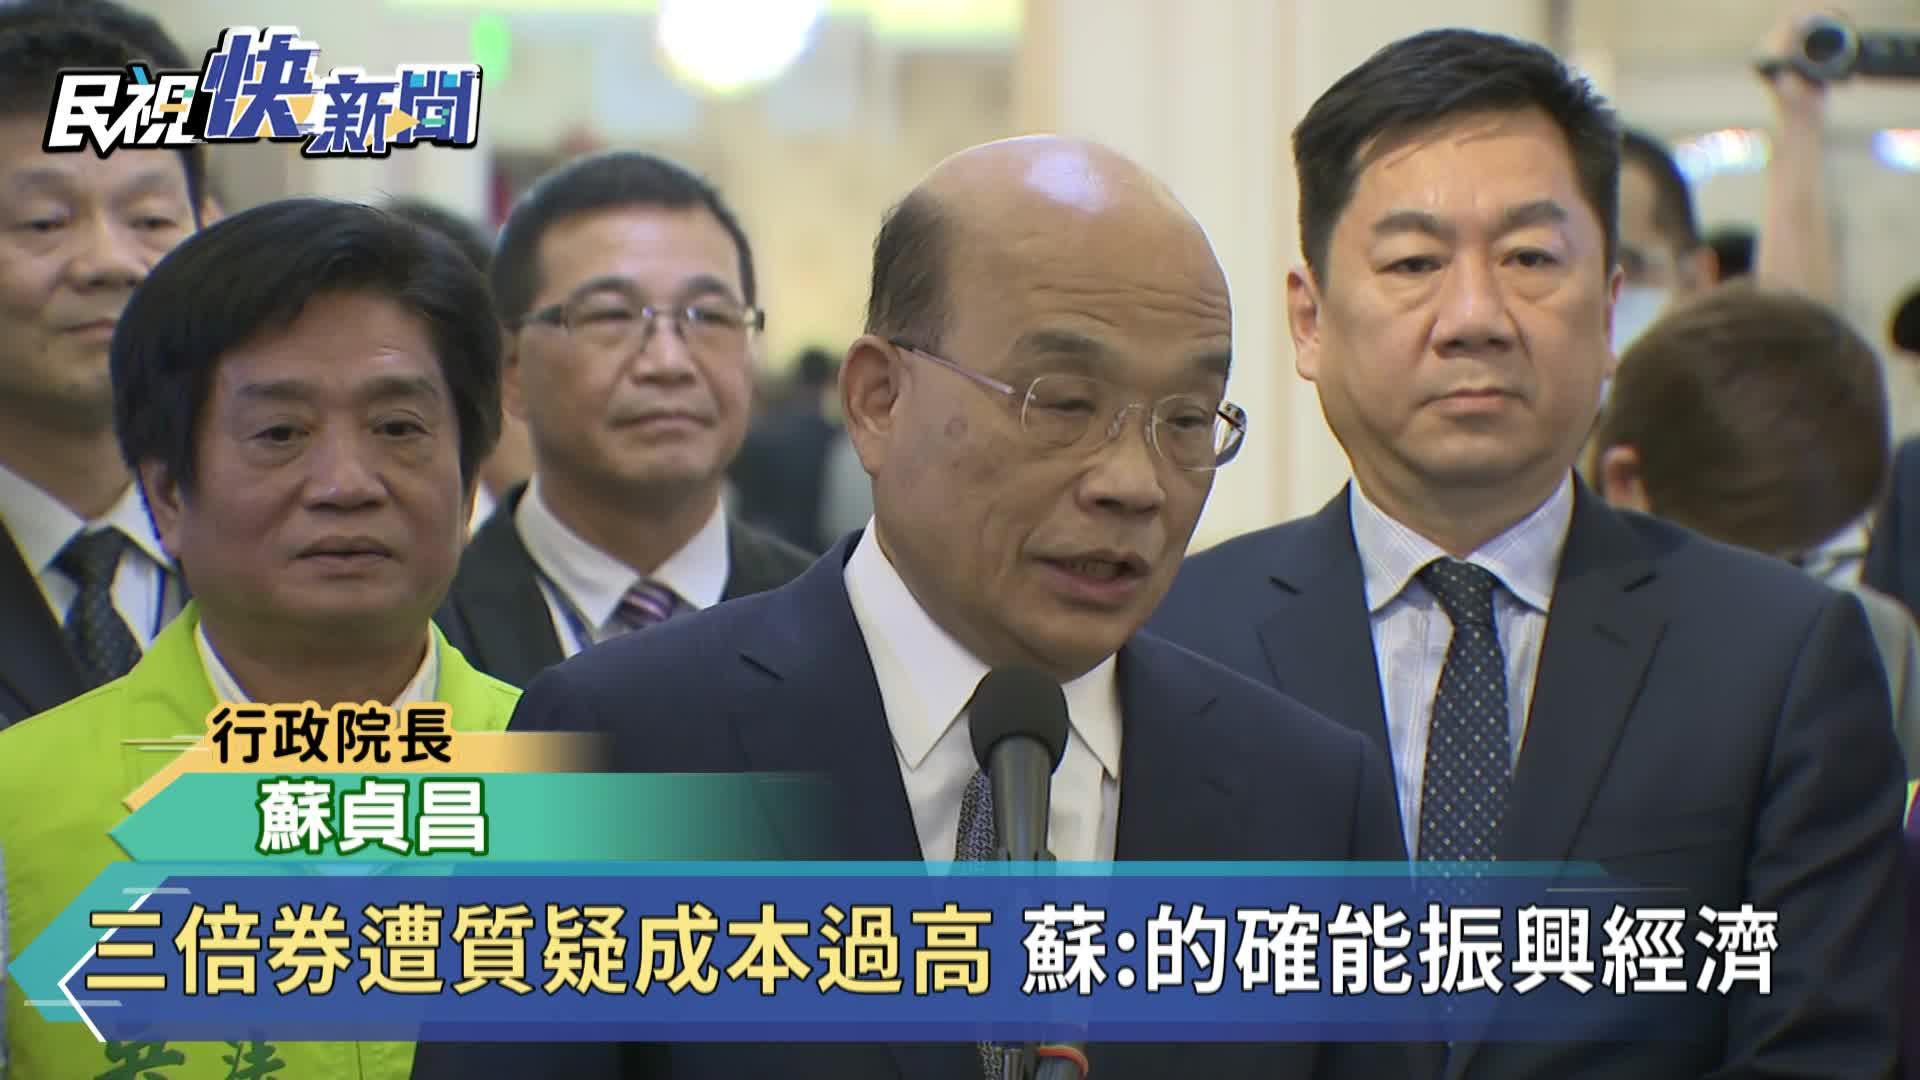 快新聞/馬英九沒領三倍券自曝「有點怕怕」 蘇貞昌:比蔡總統還不勇敢!